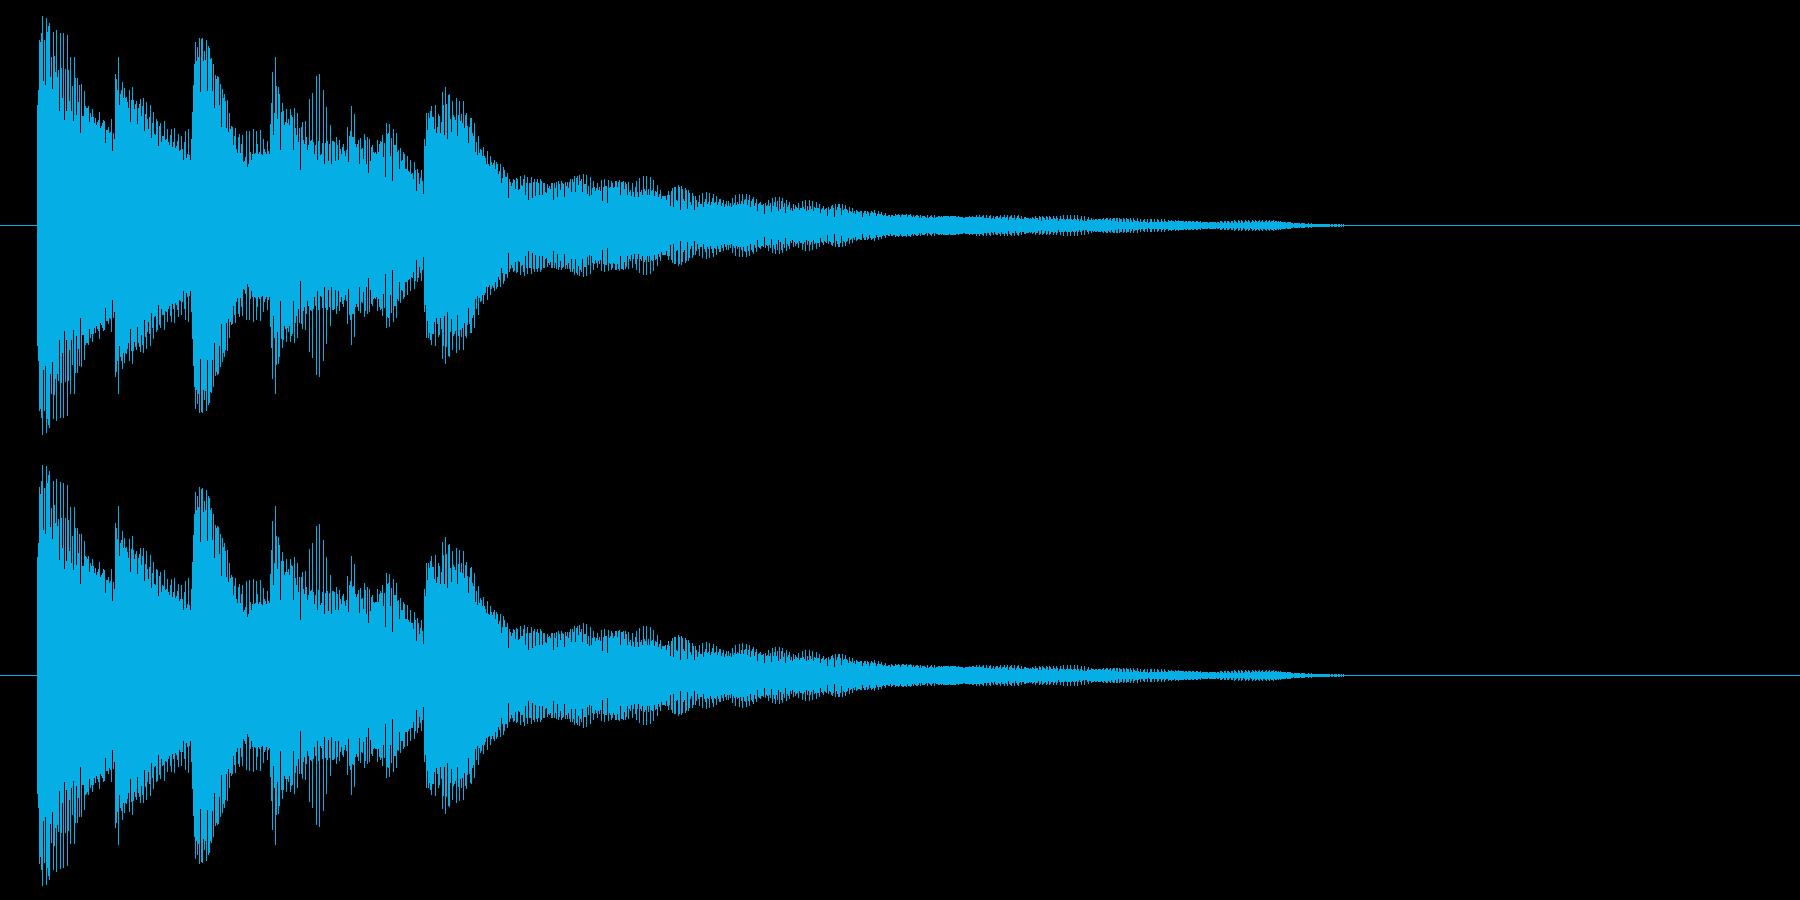 抜けの良いピアノによるワンフレーズの再生済みの波形